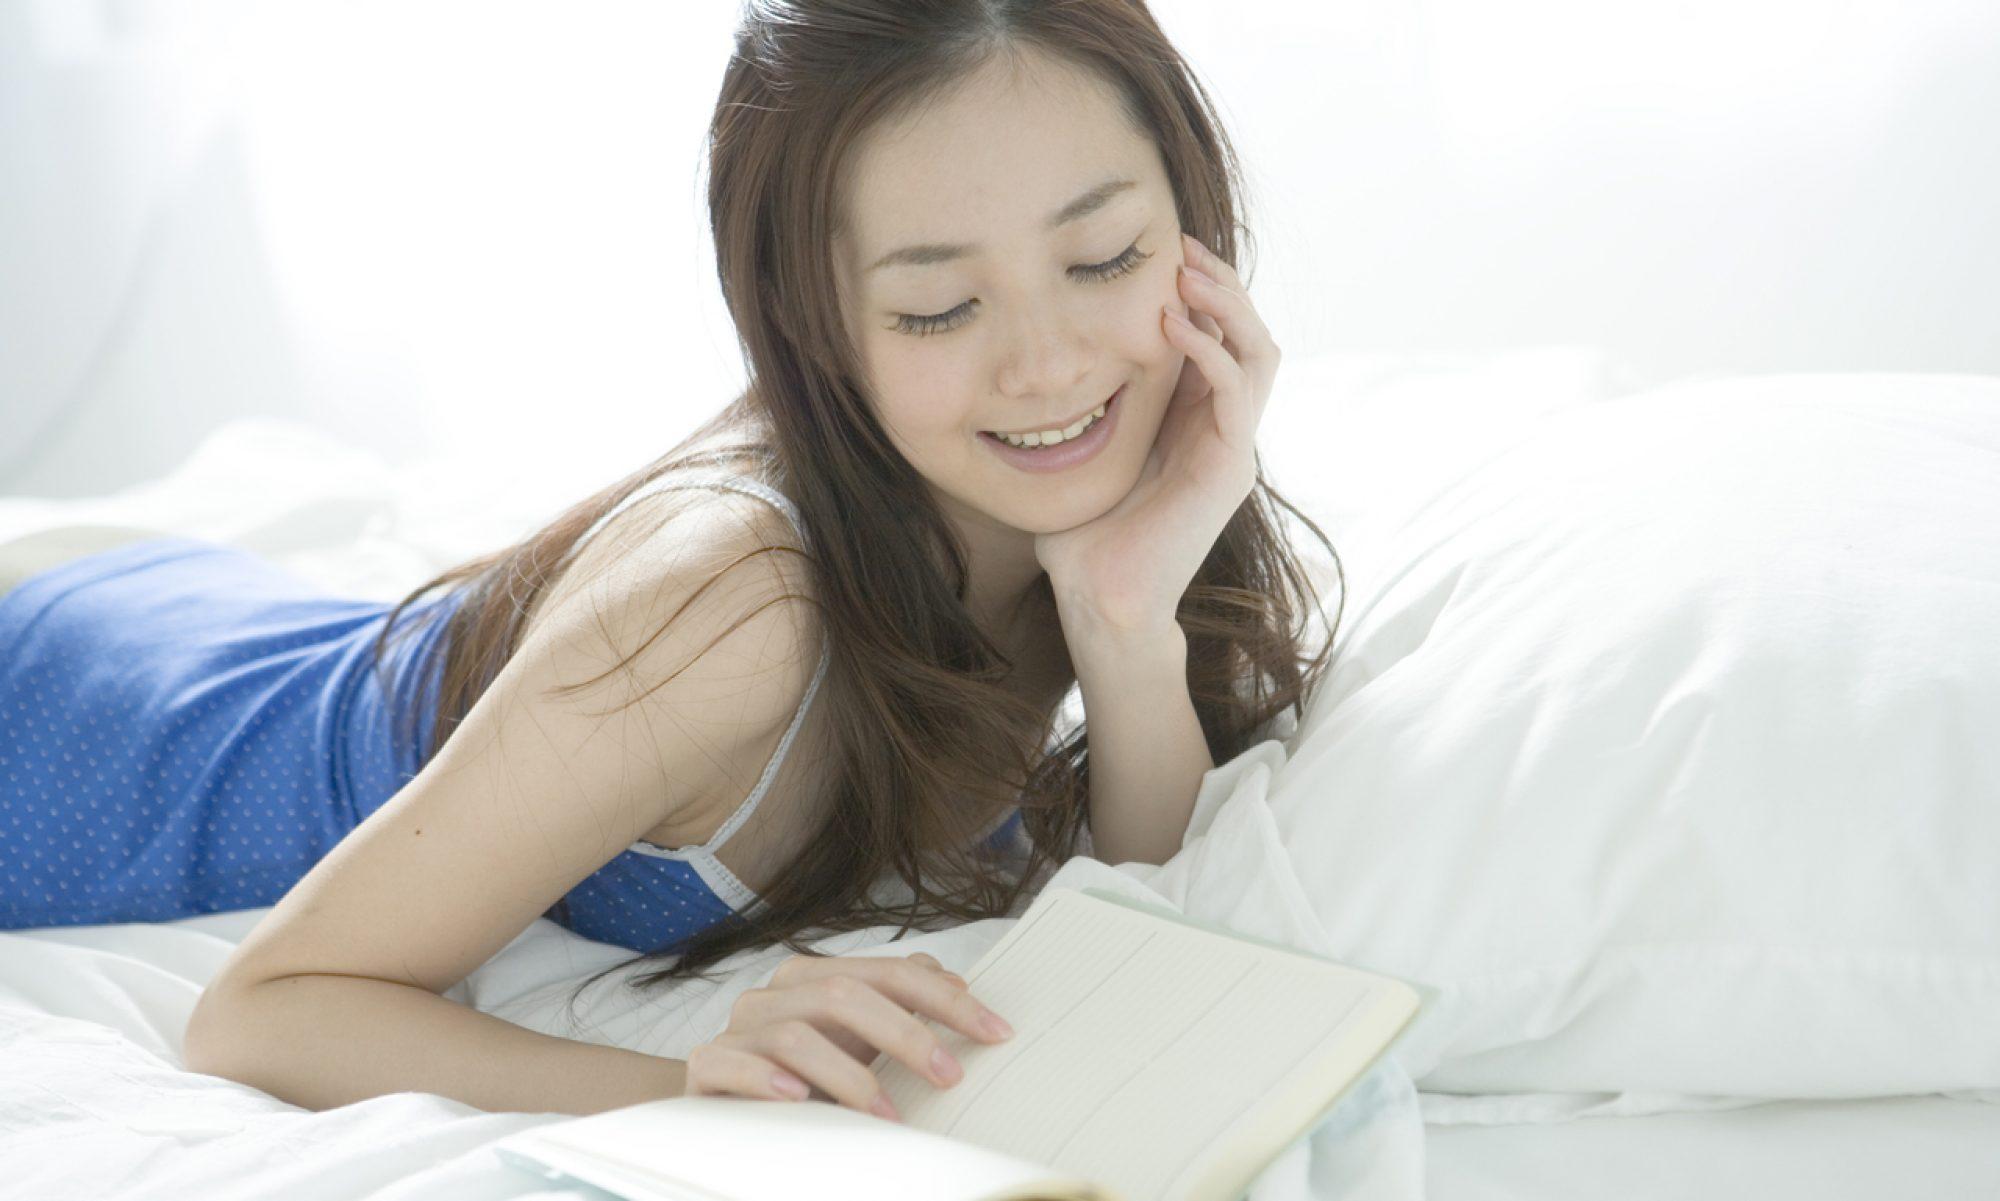 美・TORIKO(び・とりこ) 美しさという自分を表現「今を楽しめる」幸せポジティブに生きる女性の美肌リフトエステ